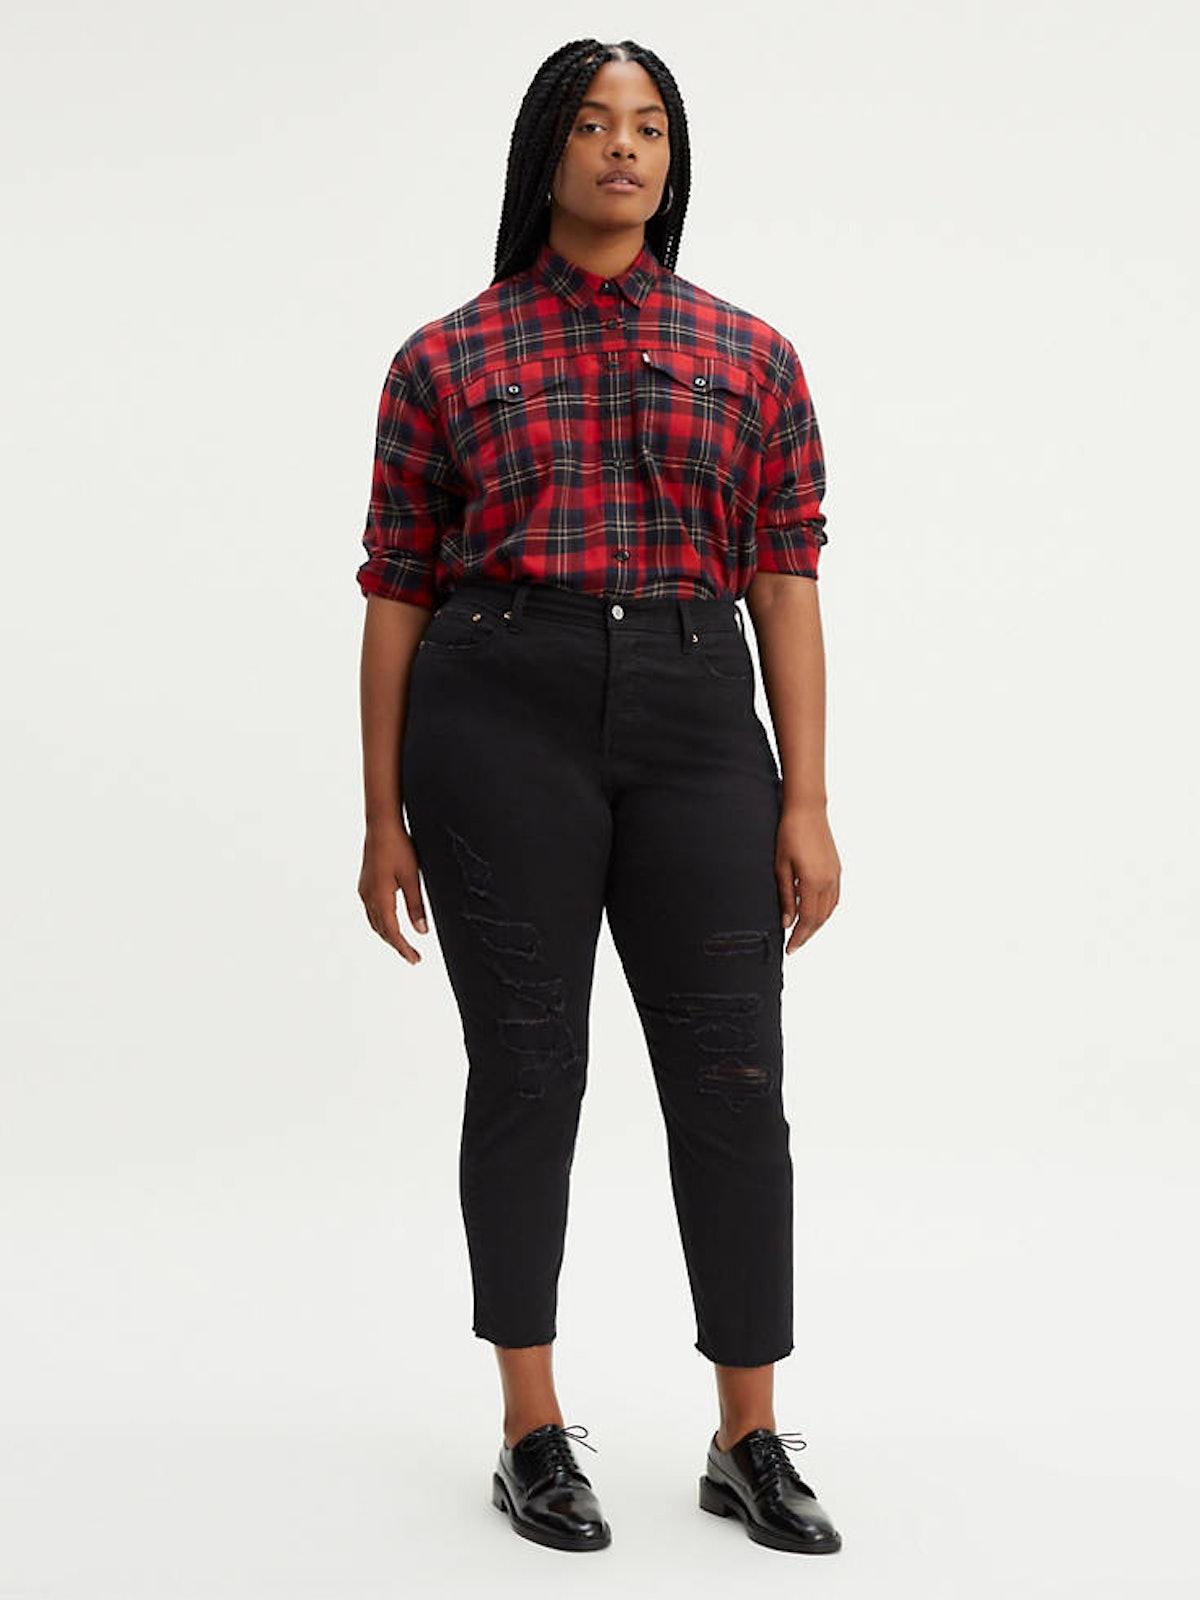 Wedgie Fit Skinny Women's Jeans